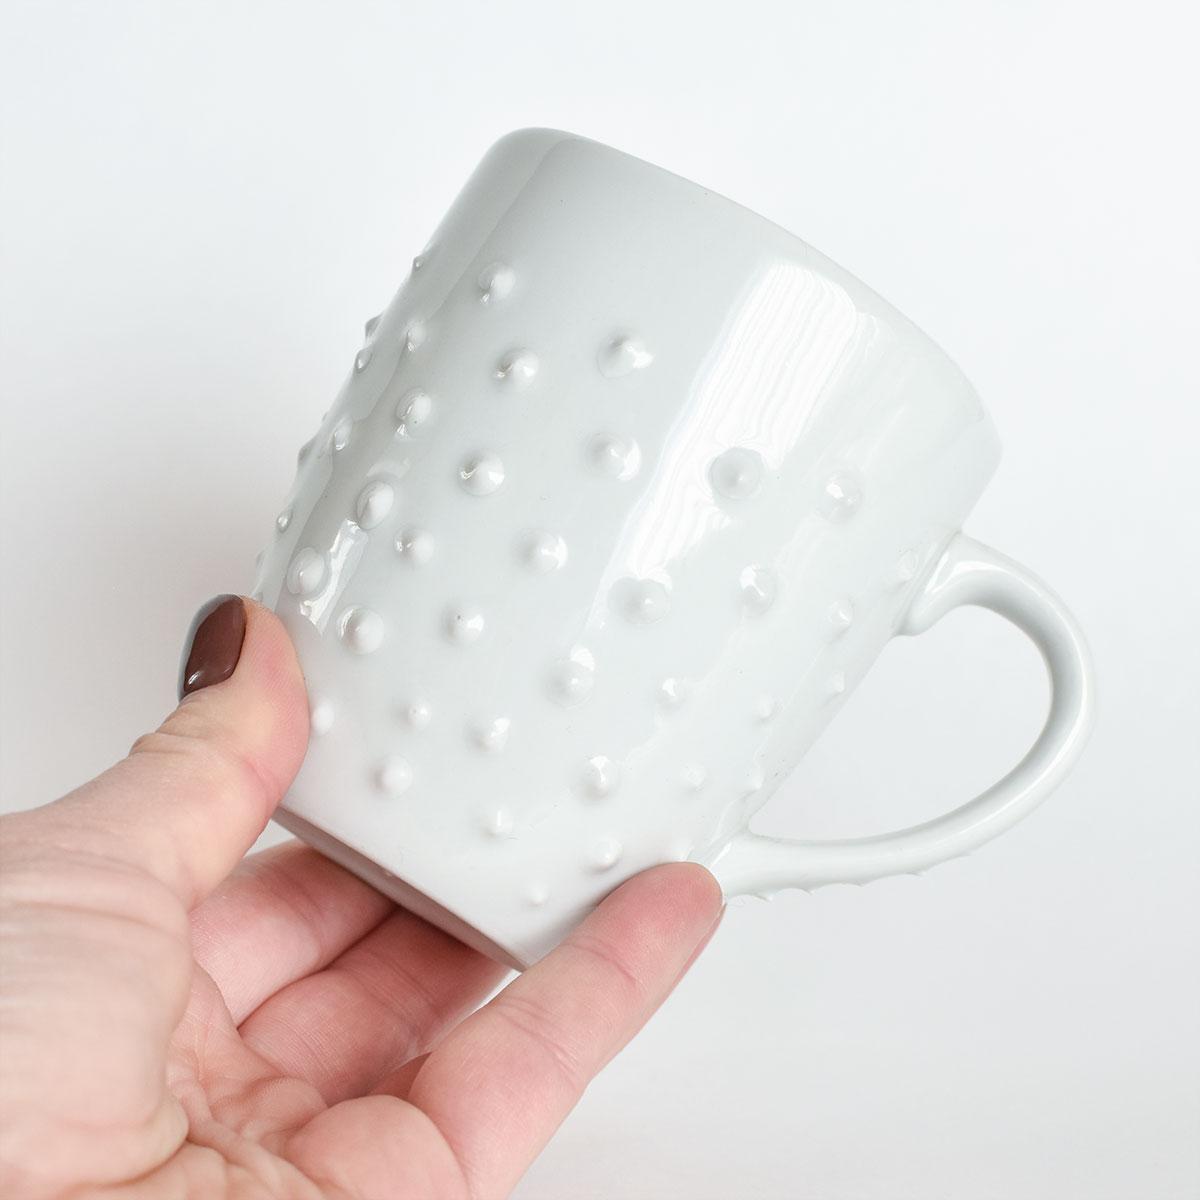 картинка Средняя белая кружка с шипами 3 - DishWishes.Ru